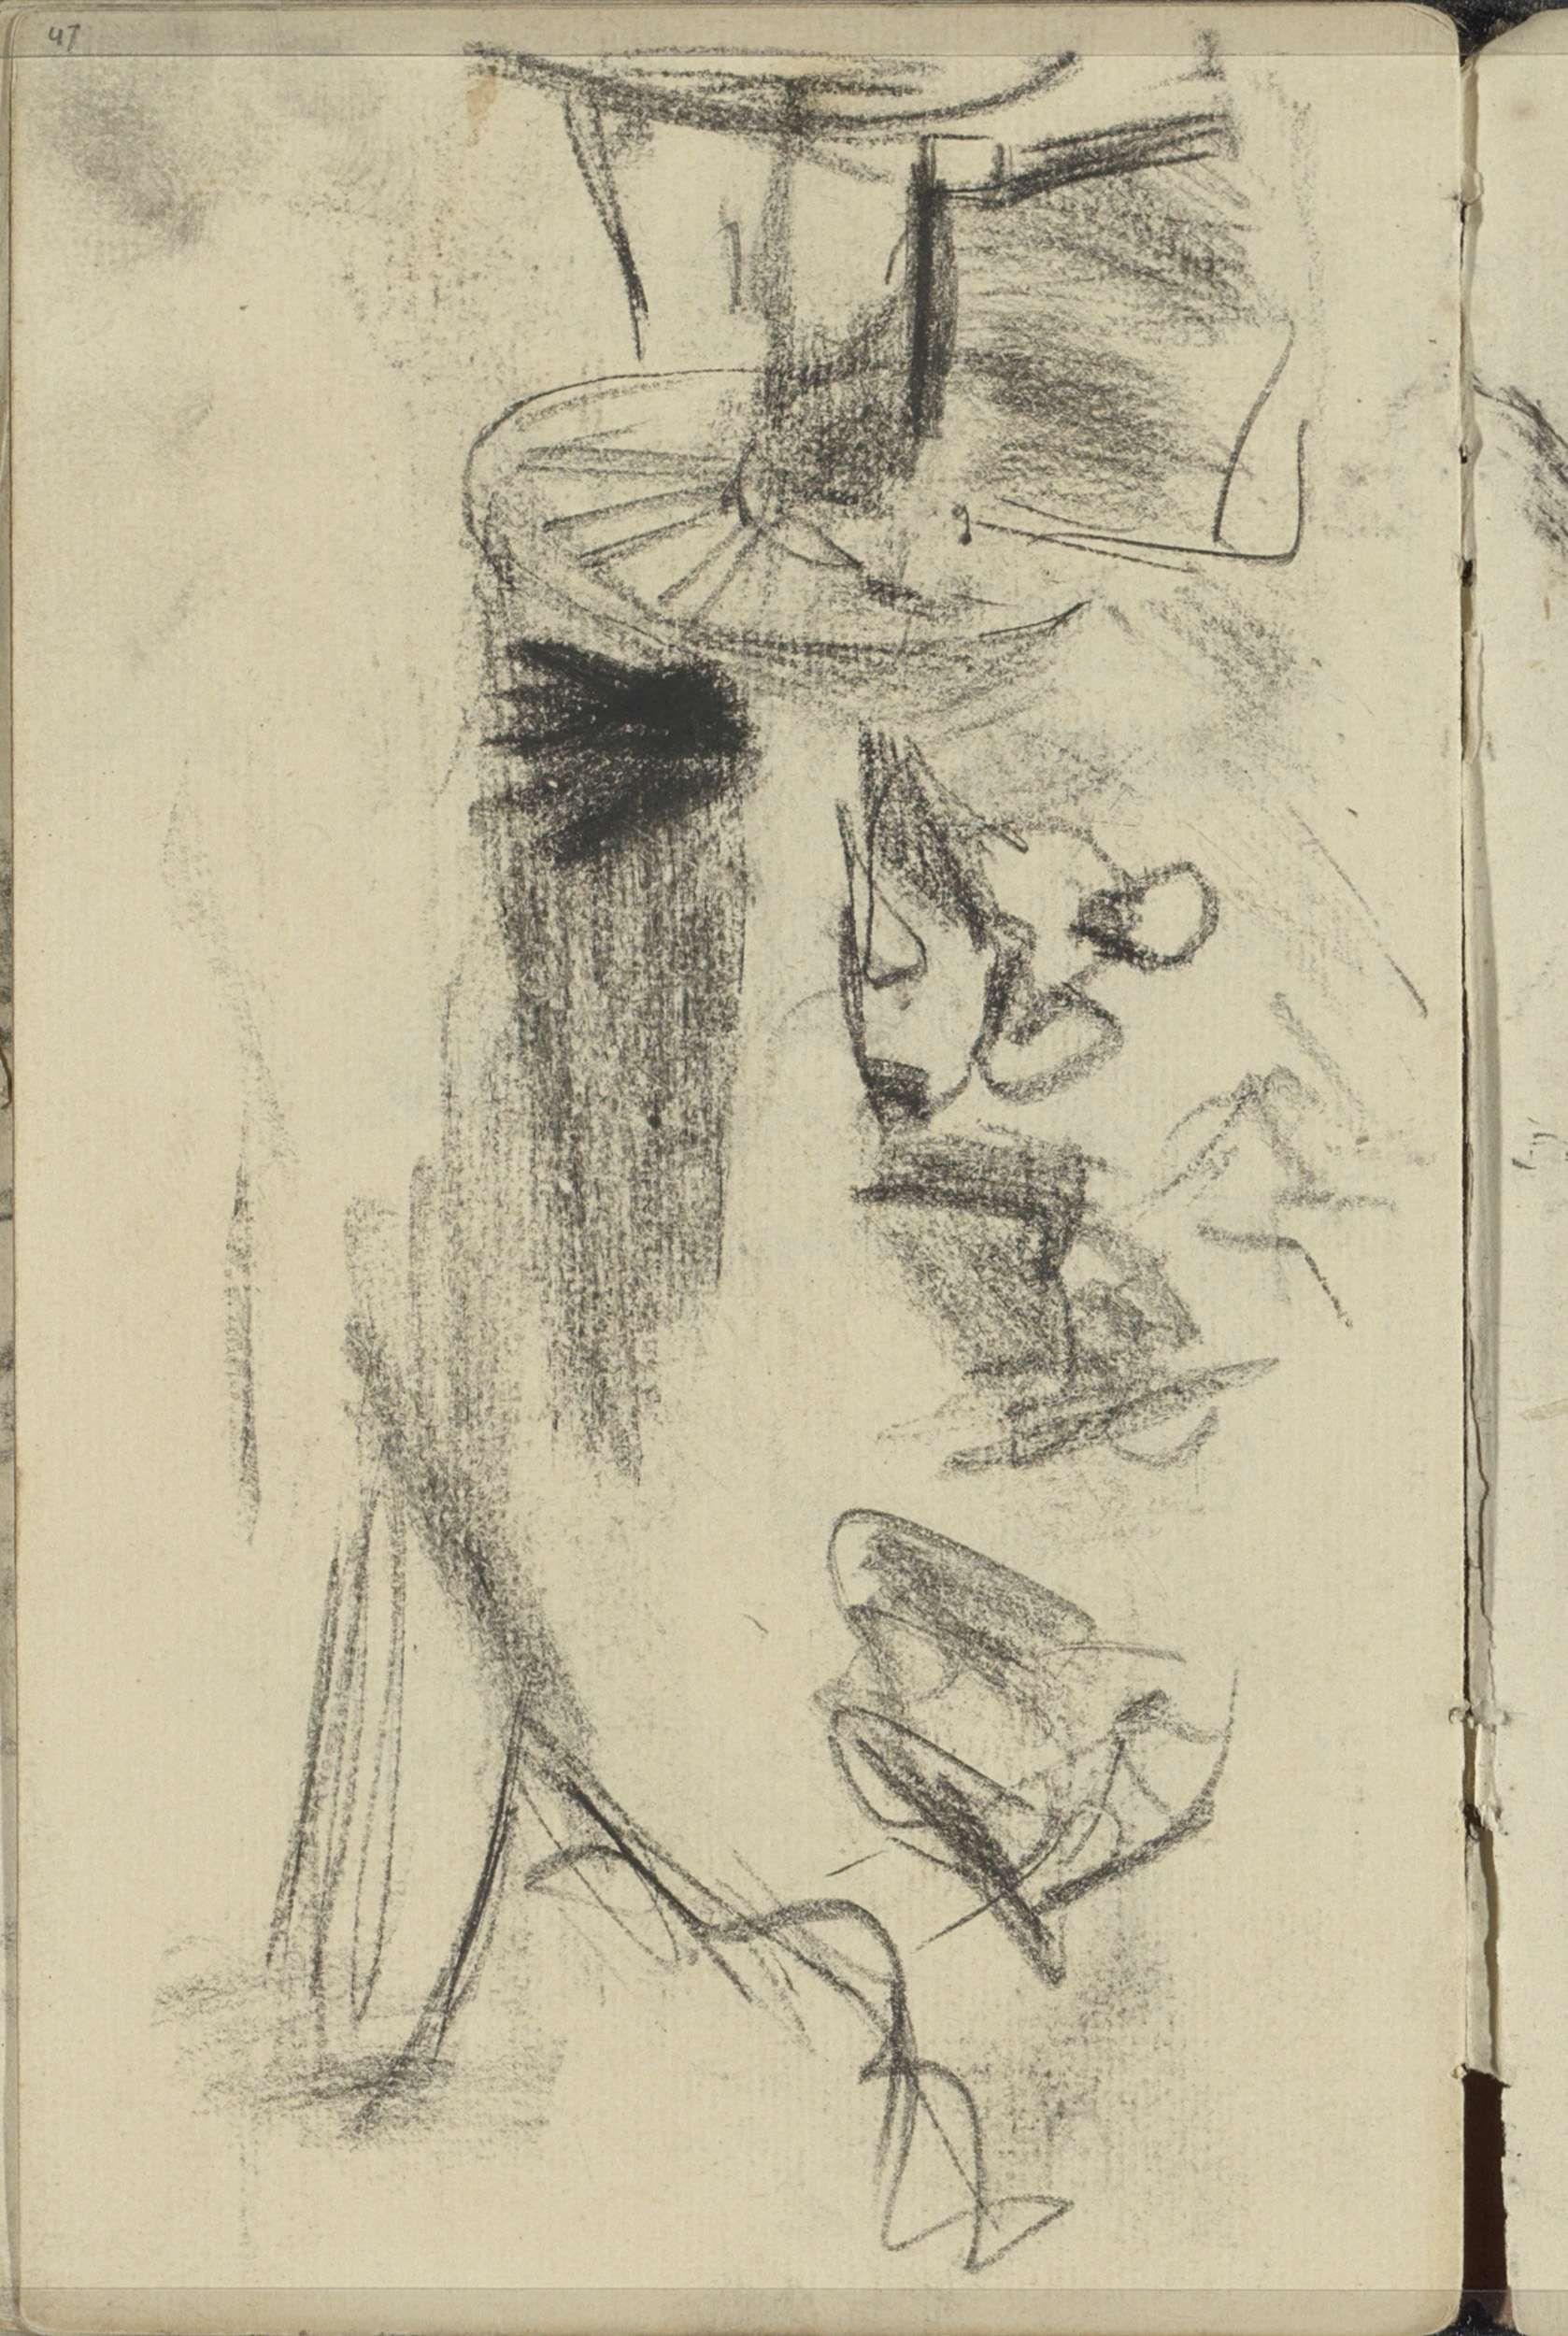 George Hendrik Breitner | Zittende figuur naast een paardenkar, George Hendrik Breitner, 1882 - 1884 | Pagina 47 uit een schetsboek met 24 bladen.